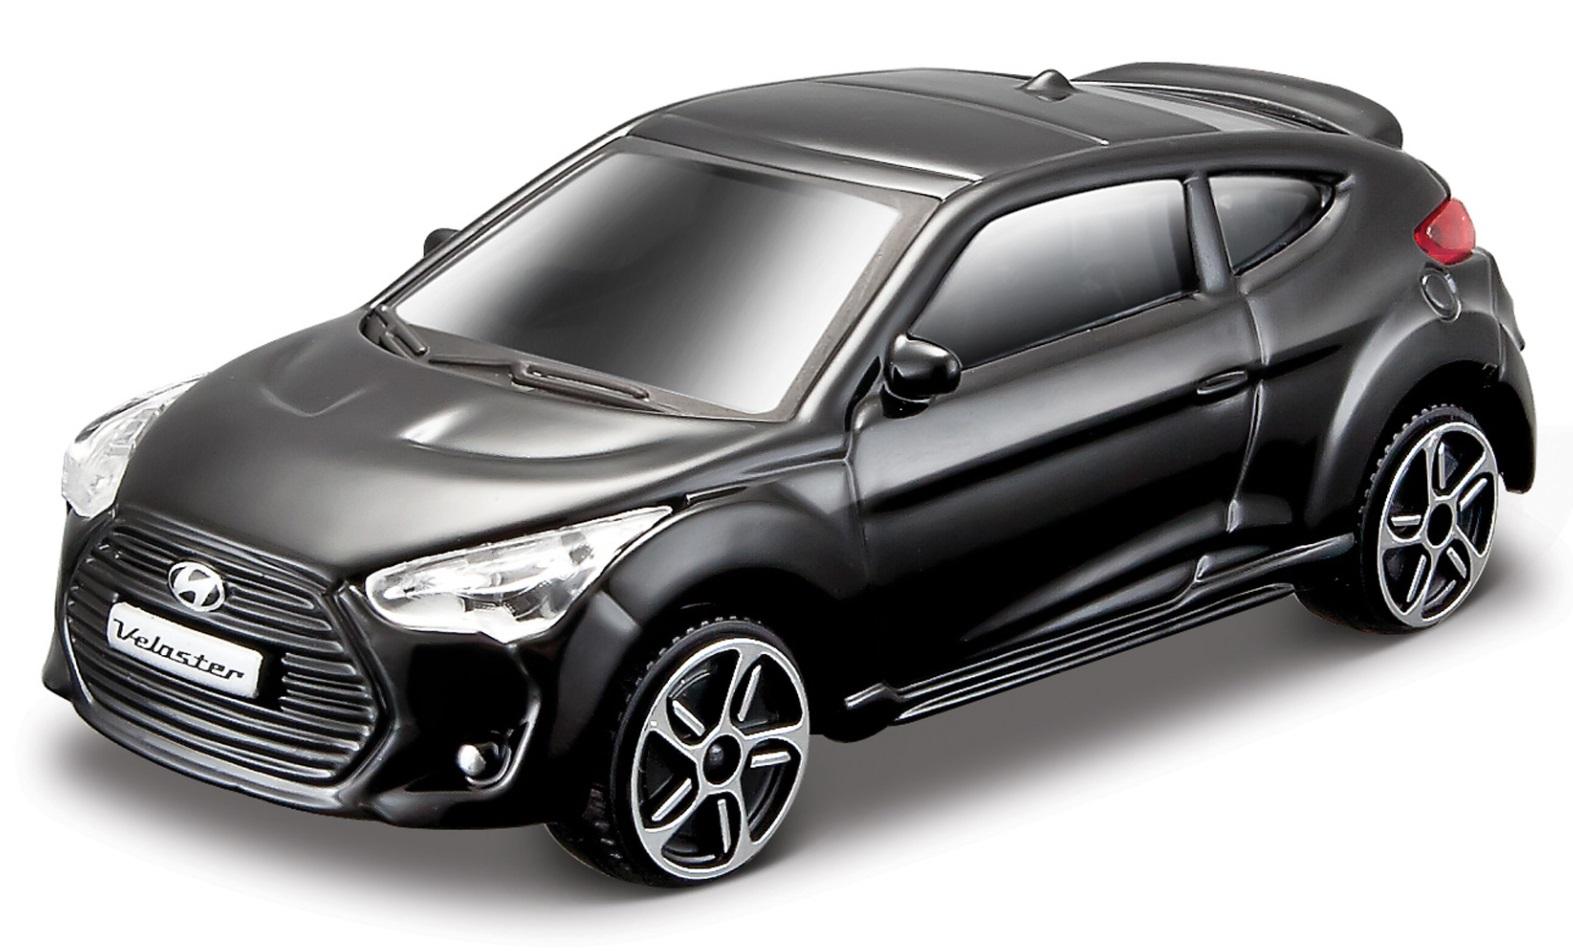 Hyundai Veloster Turbo 2013 Scale 1:43 (Black/Preto)